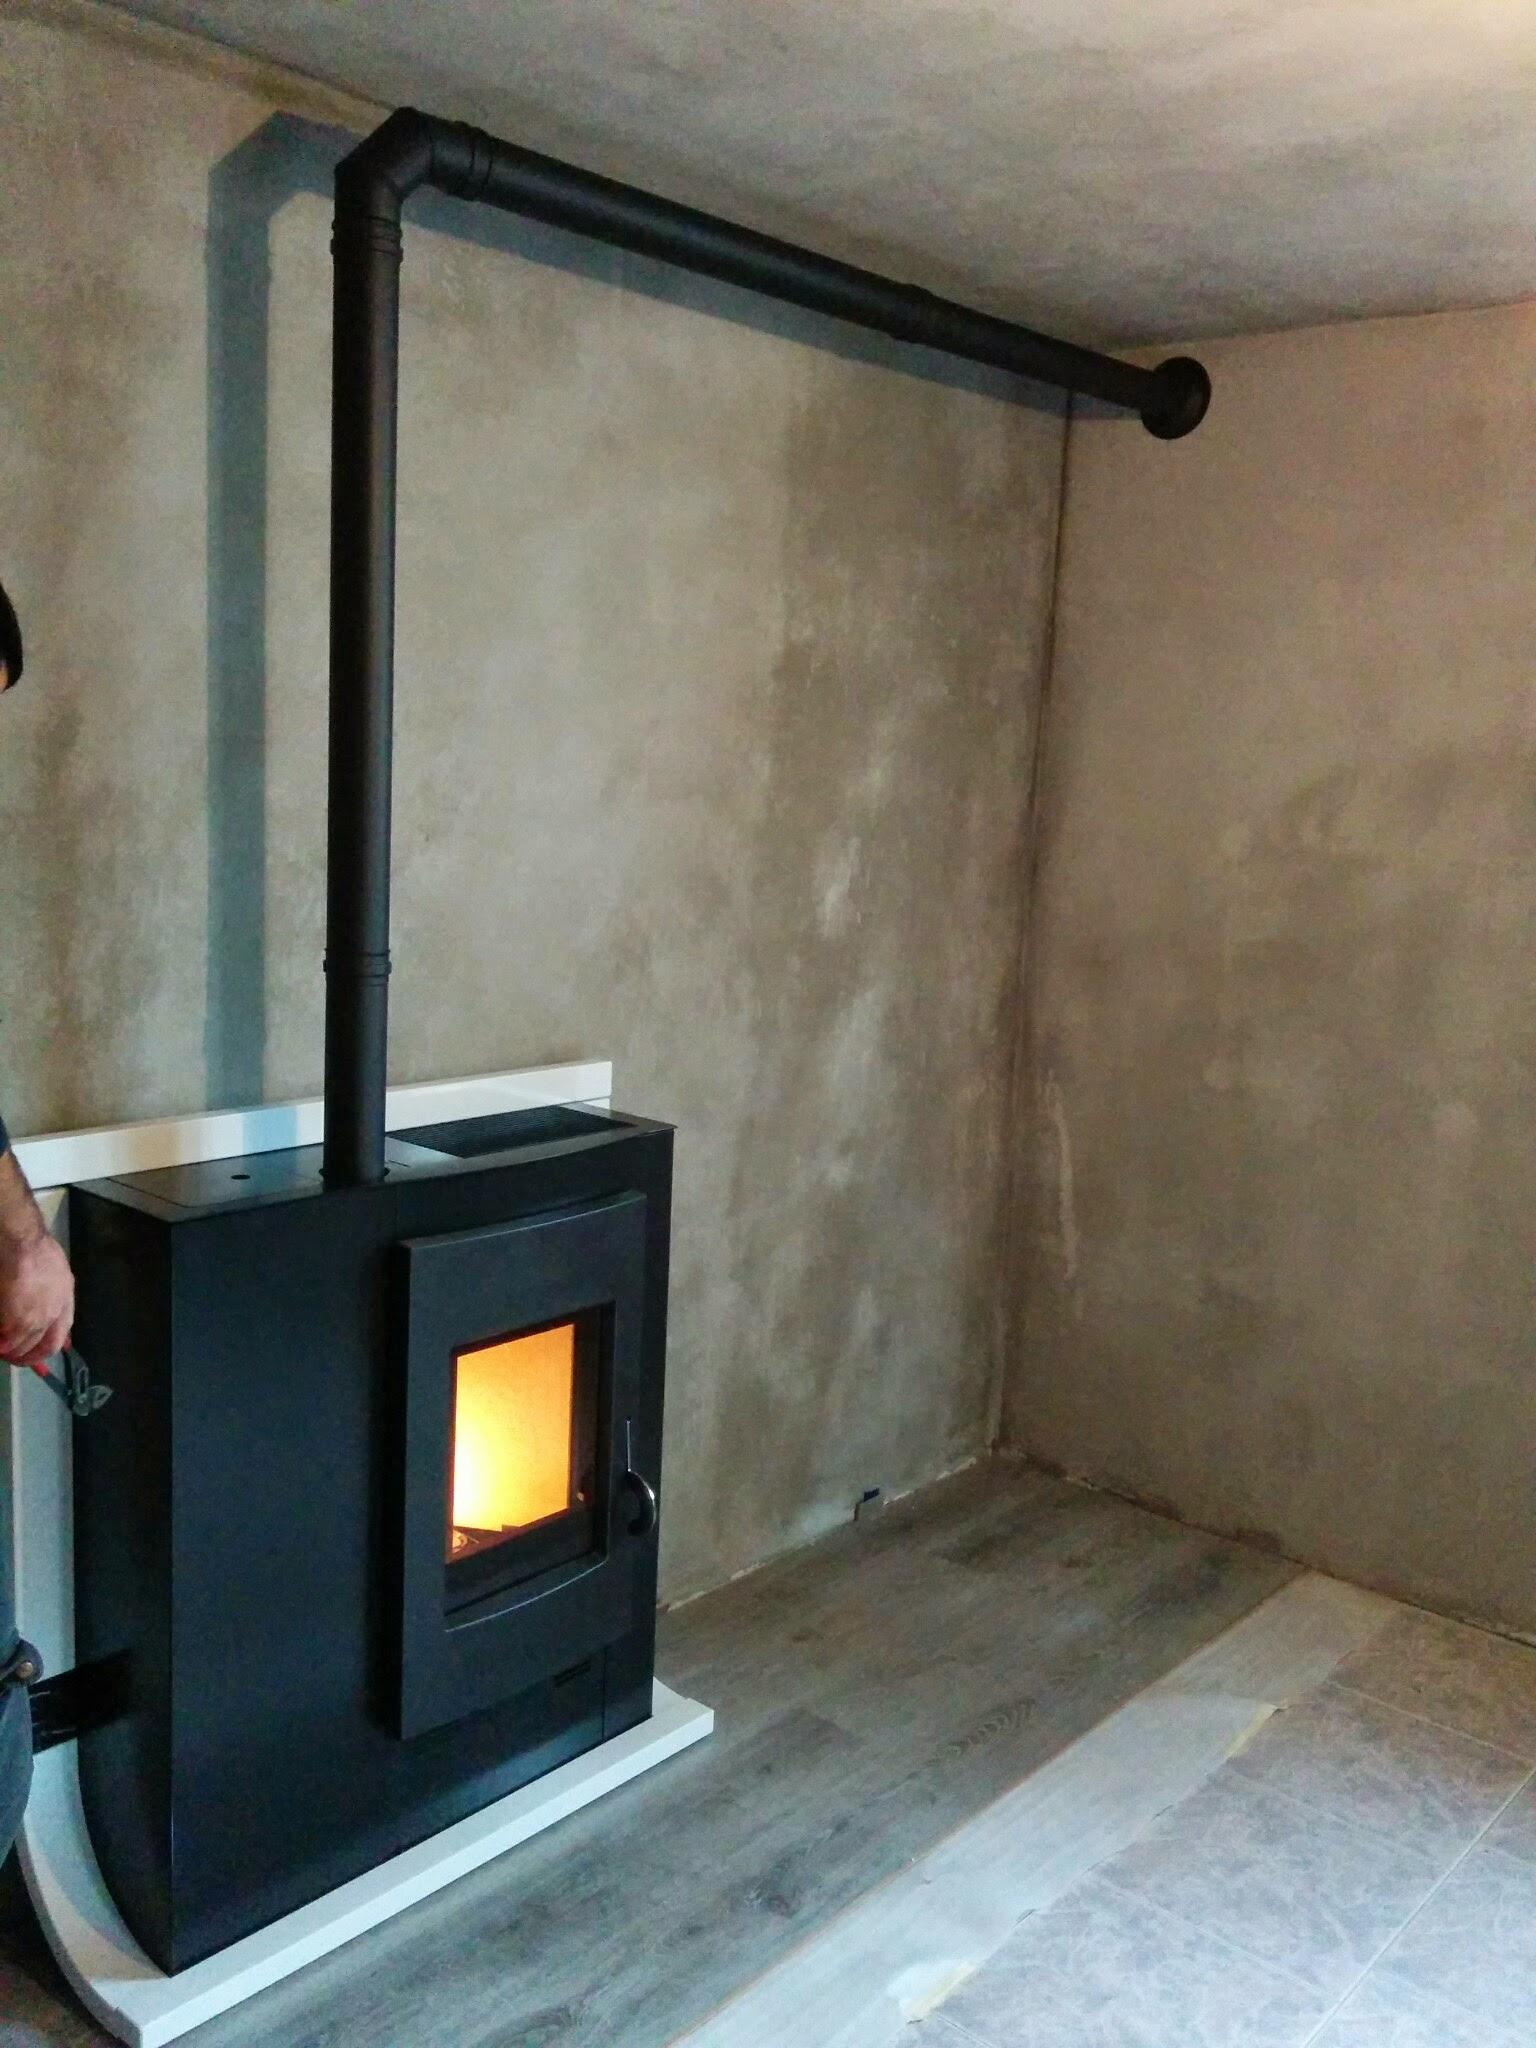 Stufe A Pellet Installazione Esterna installazione canna fumaria dp stufa a pellet edilkamin mod